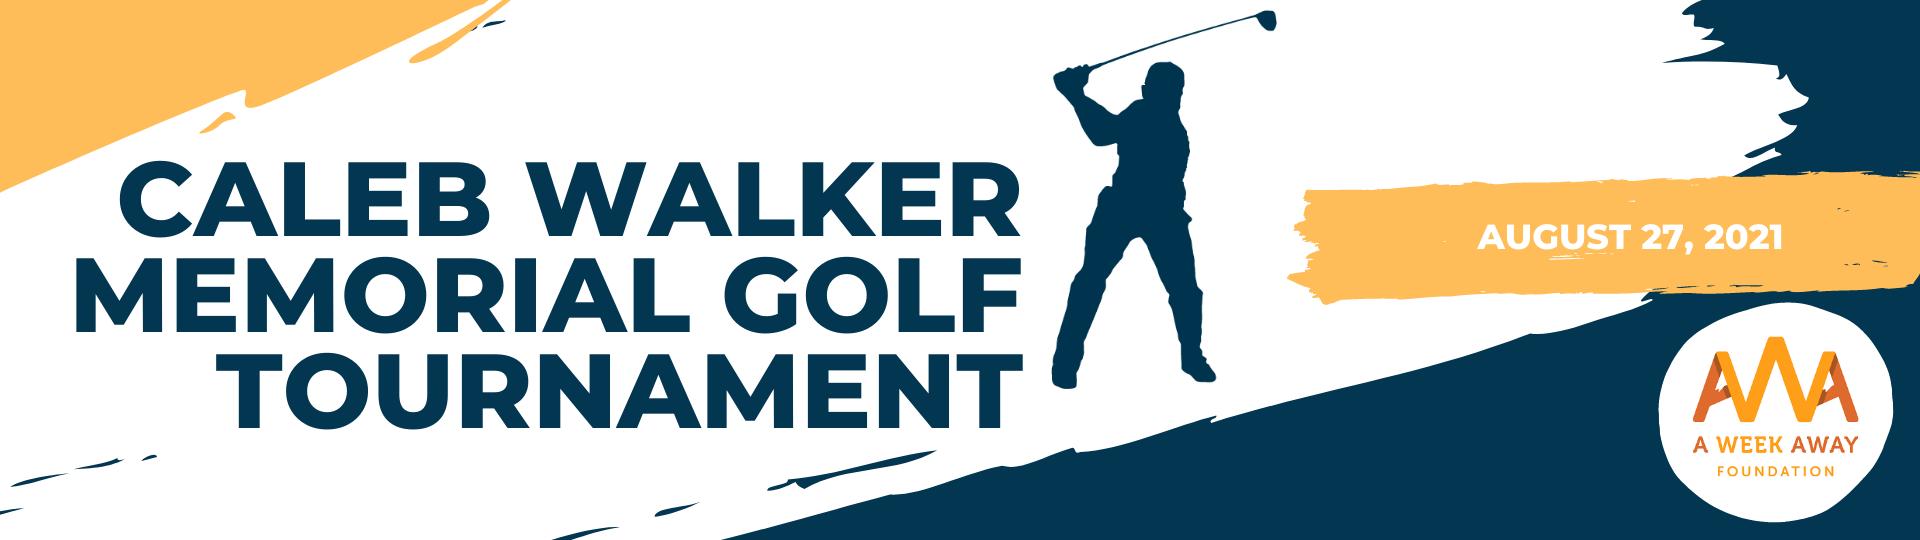 Caleb Walker Memorial Golf